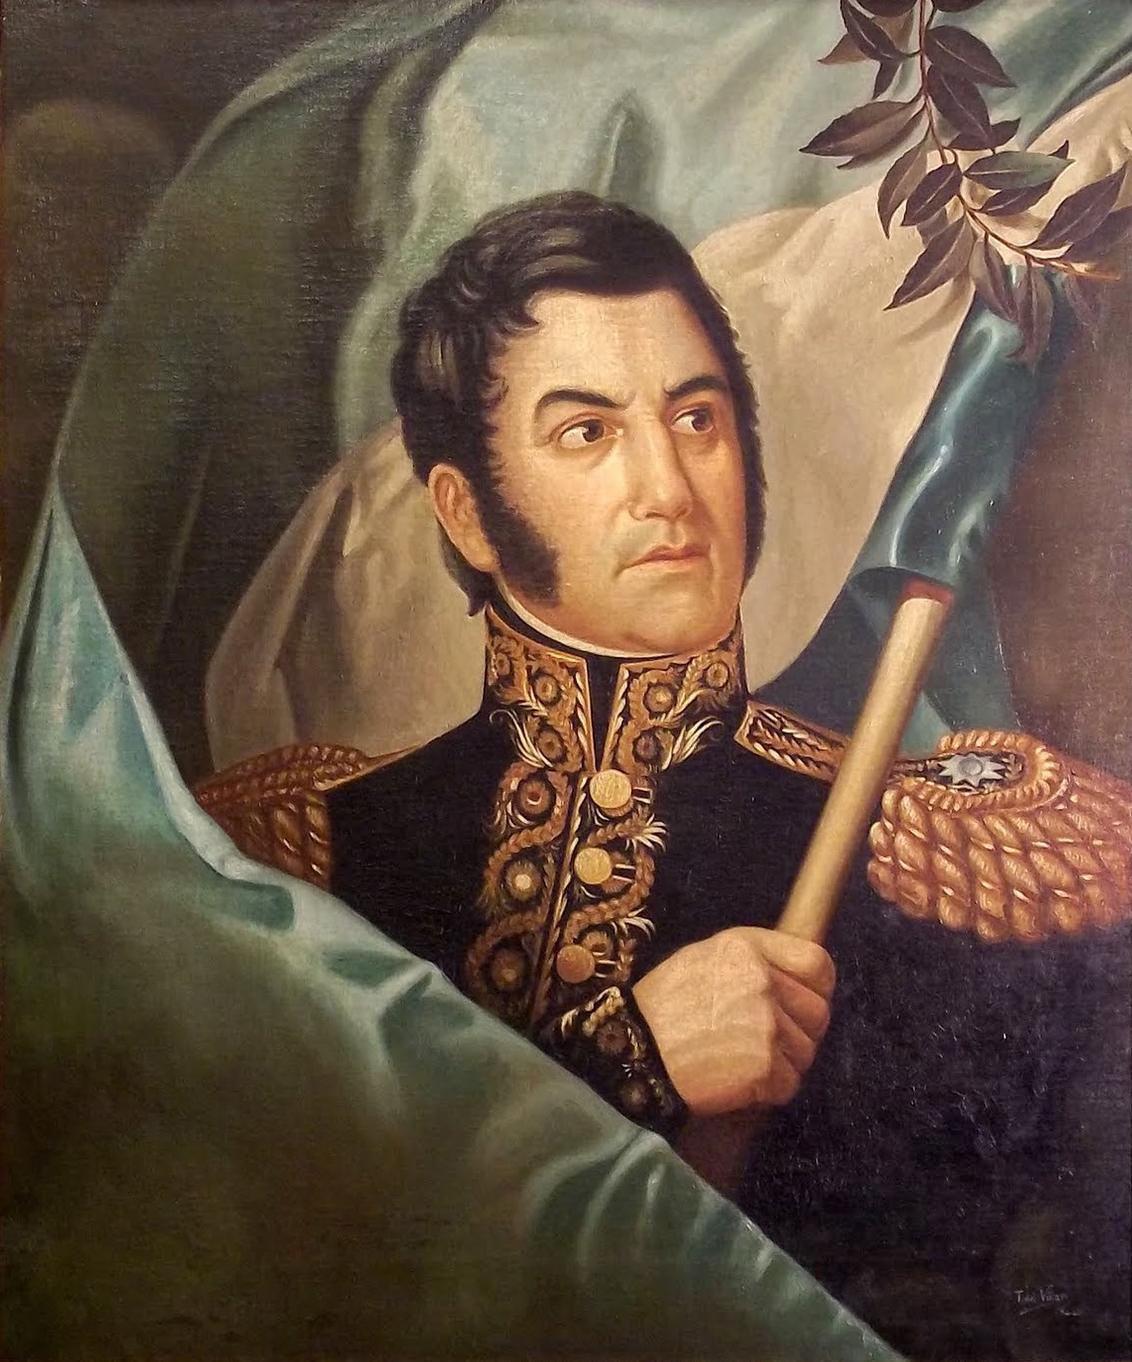 José Francisco de San Martín y Matorras